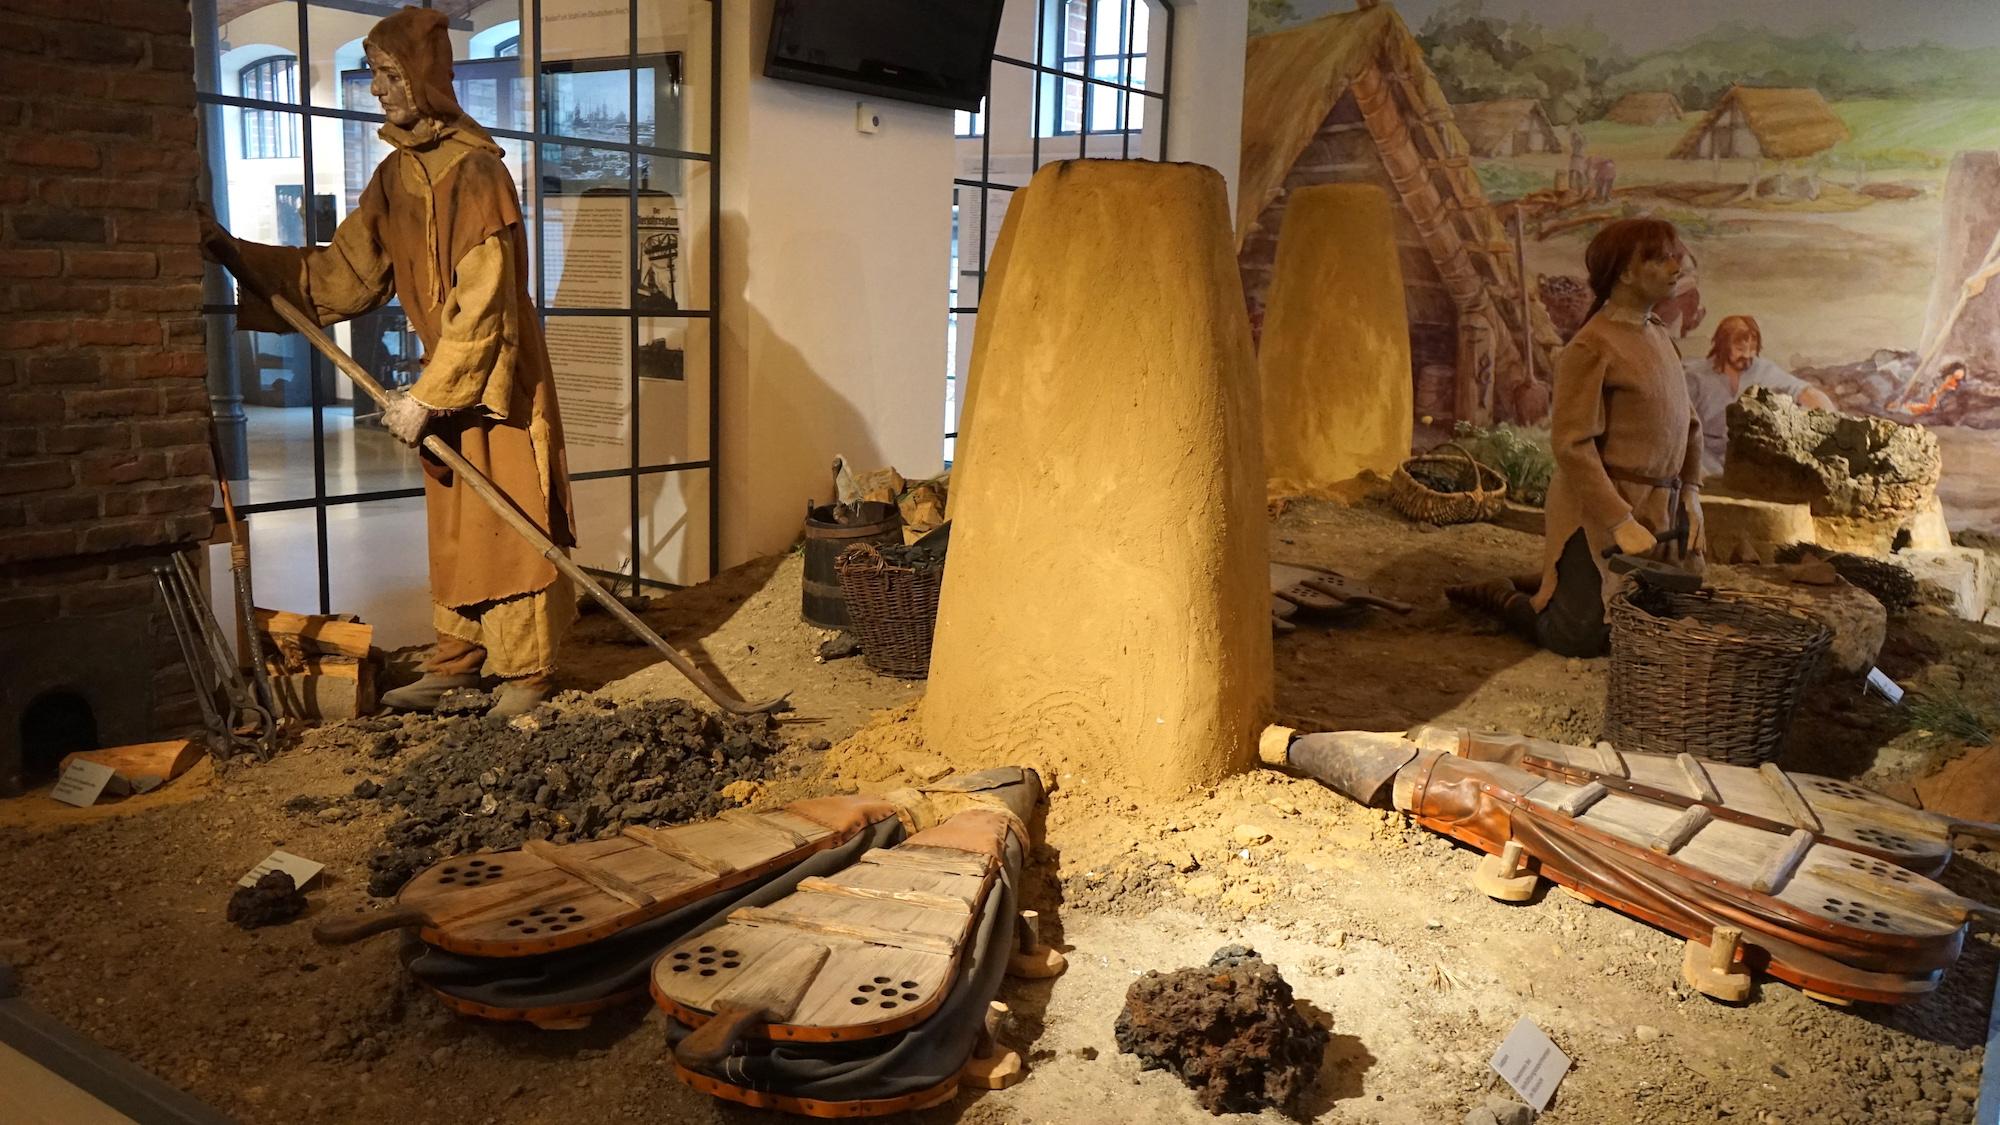 Nördliches Harzvorland, Städtisches Museum Schloss Salder Salzgitter, Germanen mit Rennofen. Foto: Beate Ziehres